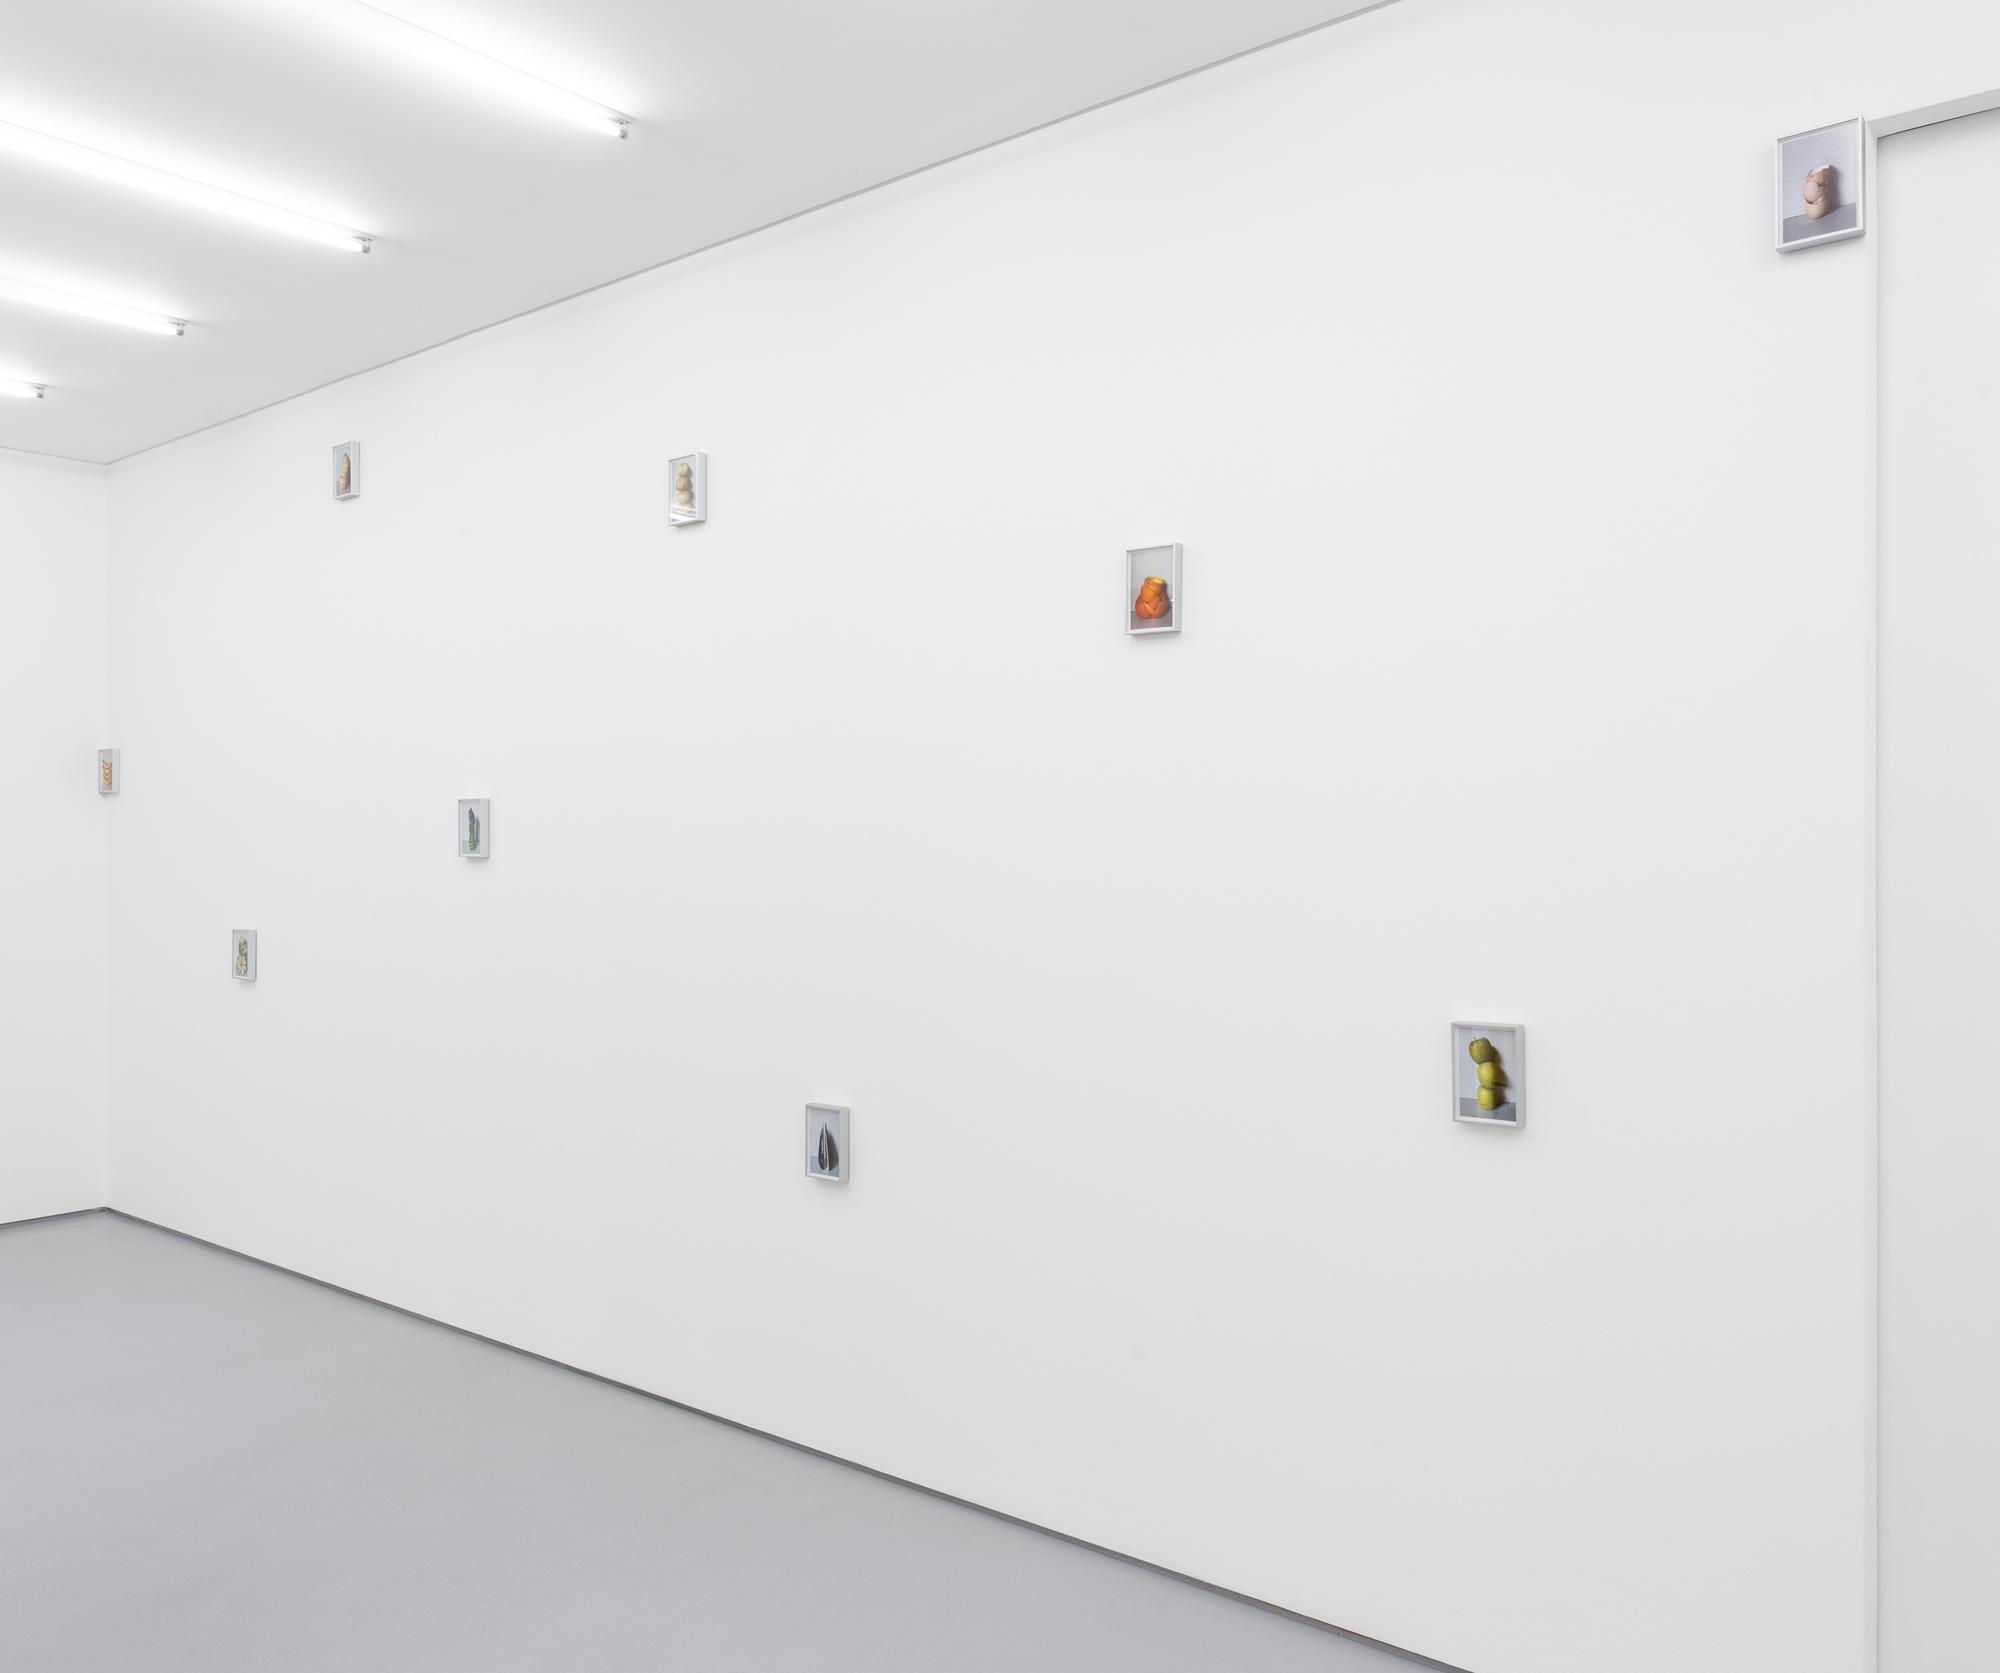 Carlos Bunga, From the series Pensar a cidade desde a cozinha, 2021. 9 chromogenic color print. 9: 16,5 x 12 cm.